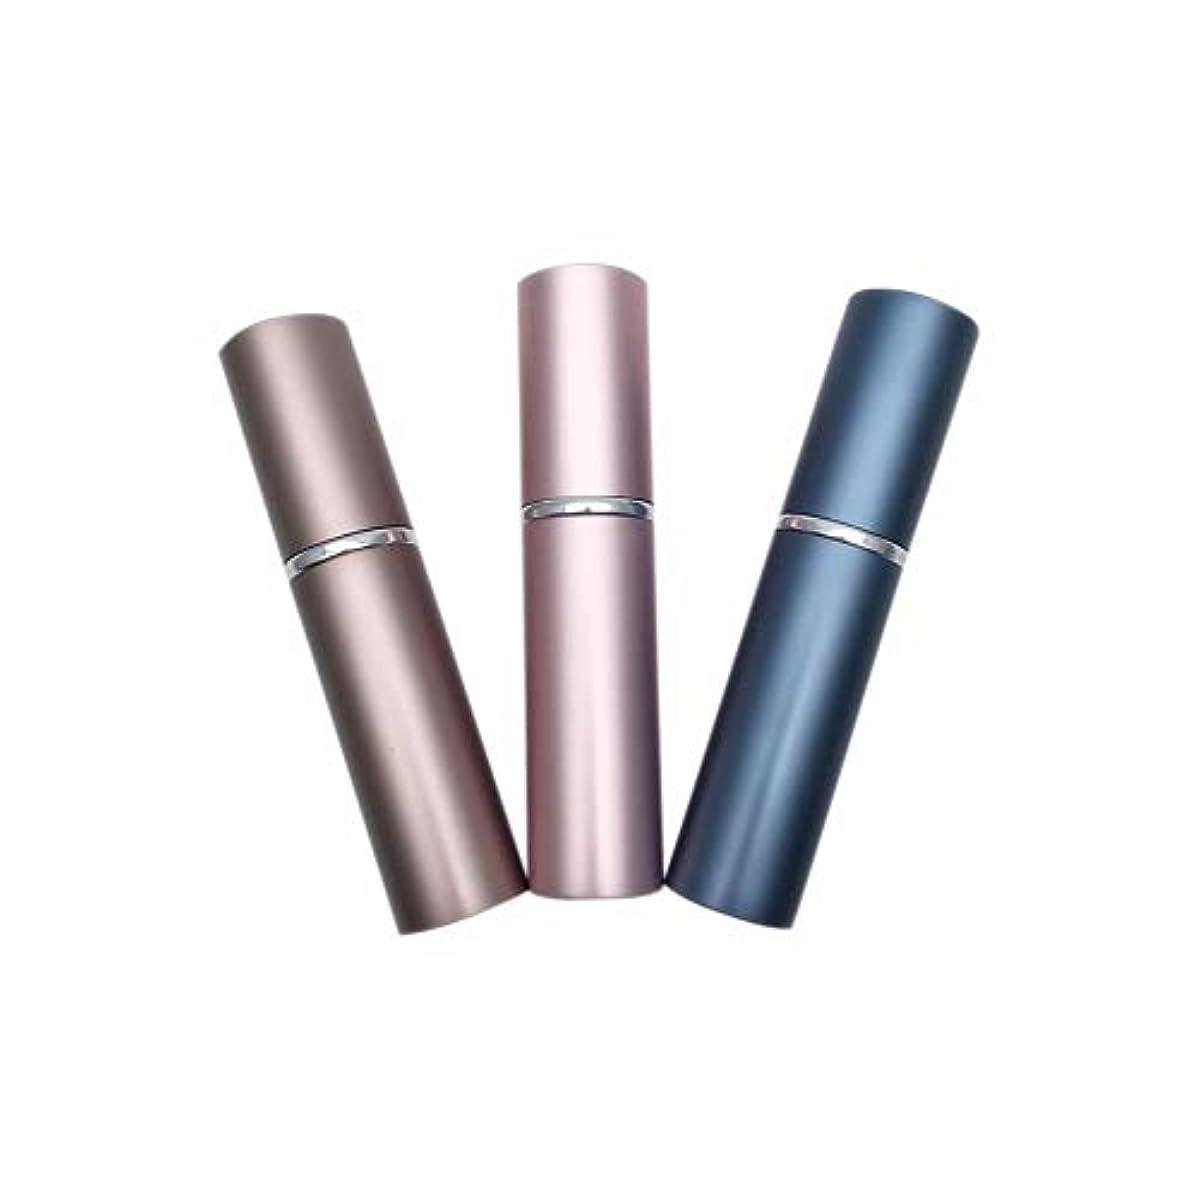 キリスト教これまで制限されたアトマイザー 香水 詰め替え容器 スプレーボトル 小分けボトル トラベルボトル 旅行携帯便利 (6ml)